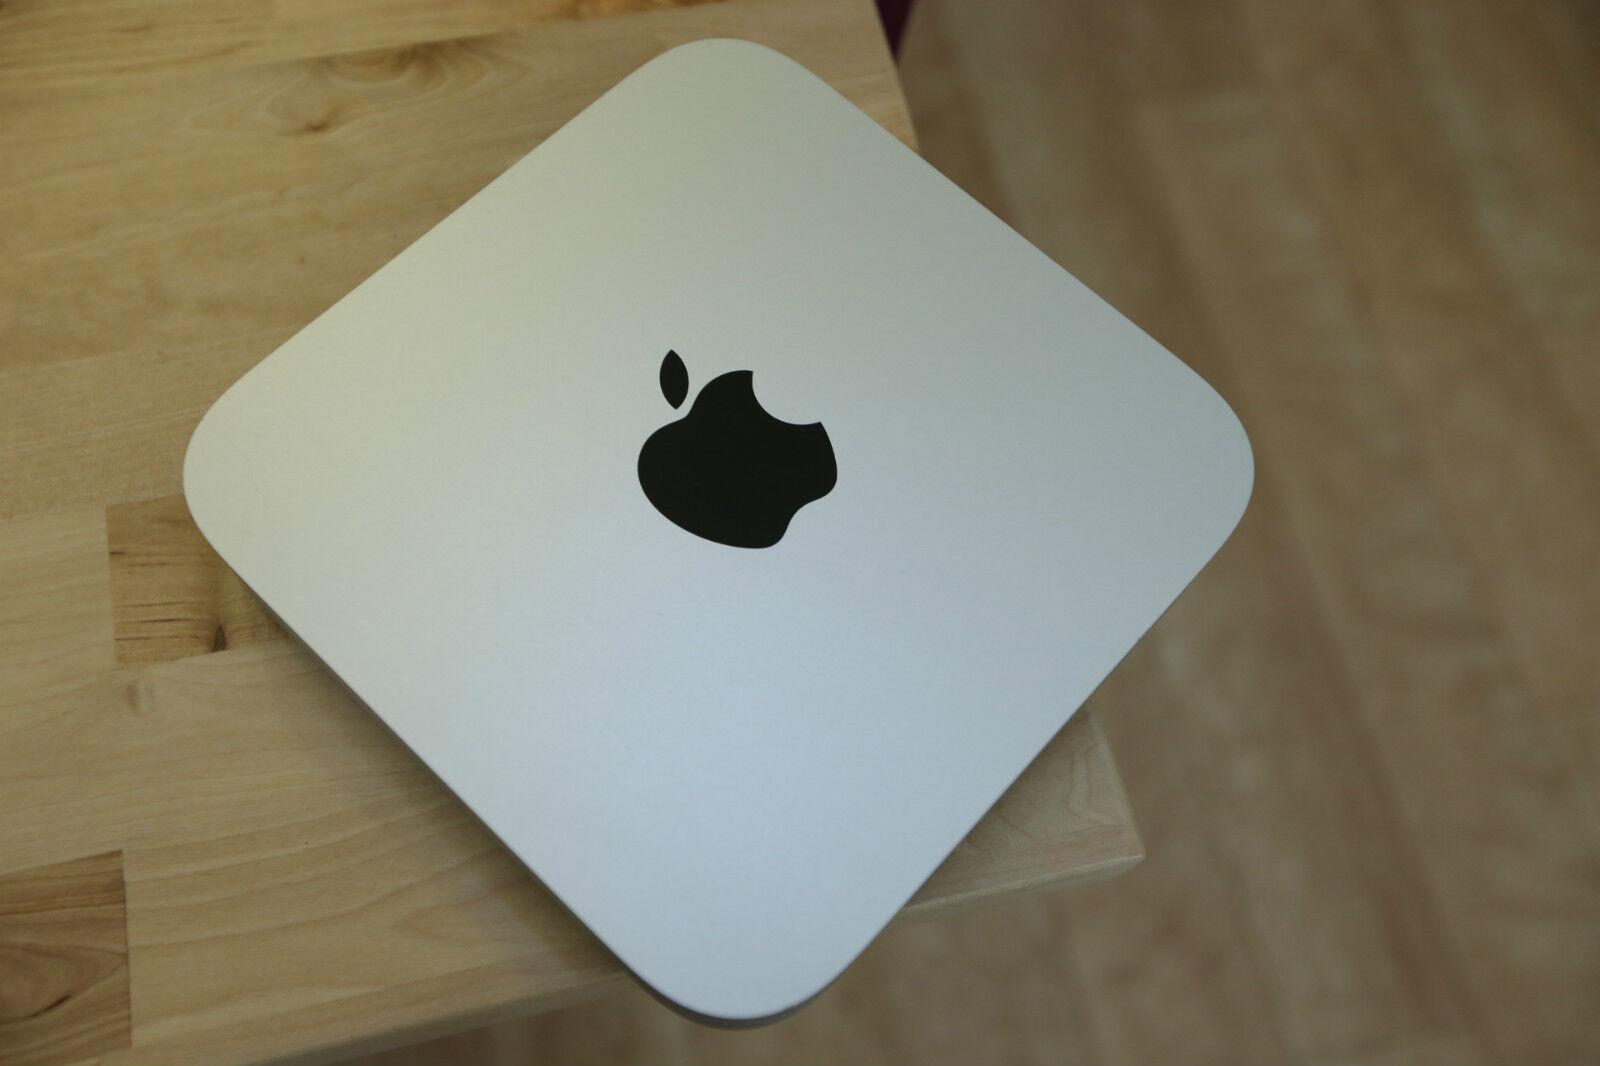 2012 Mac Mini 2.5GHZ (2X) 256GB SSD's 16GB RAM USB 3.0 OSX El Capitan SHIPS FAST